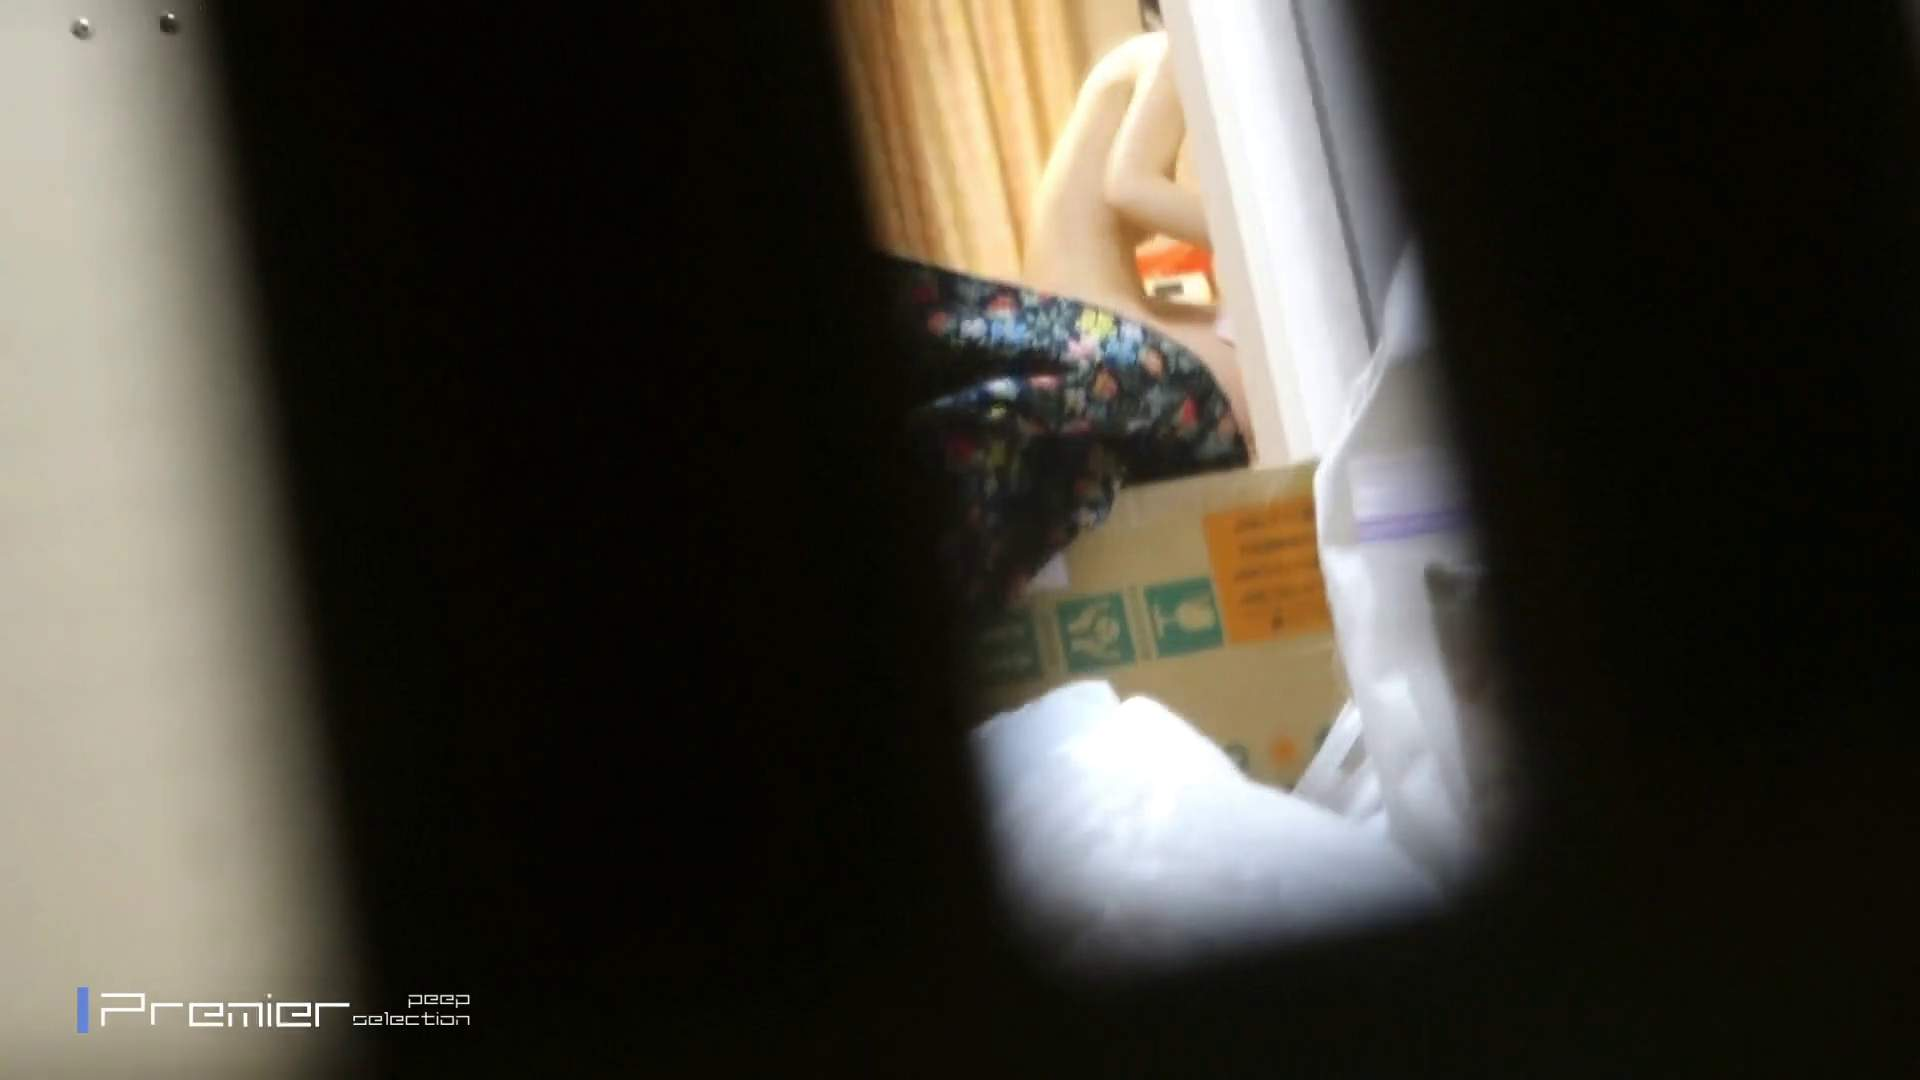 再生38分!マン毛剛毛超絶美女の私生活 美女達の私生活に潜入! 潜入  94連発 15